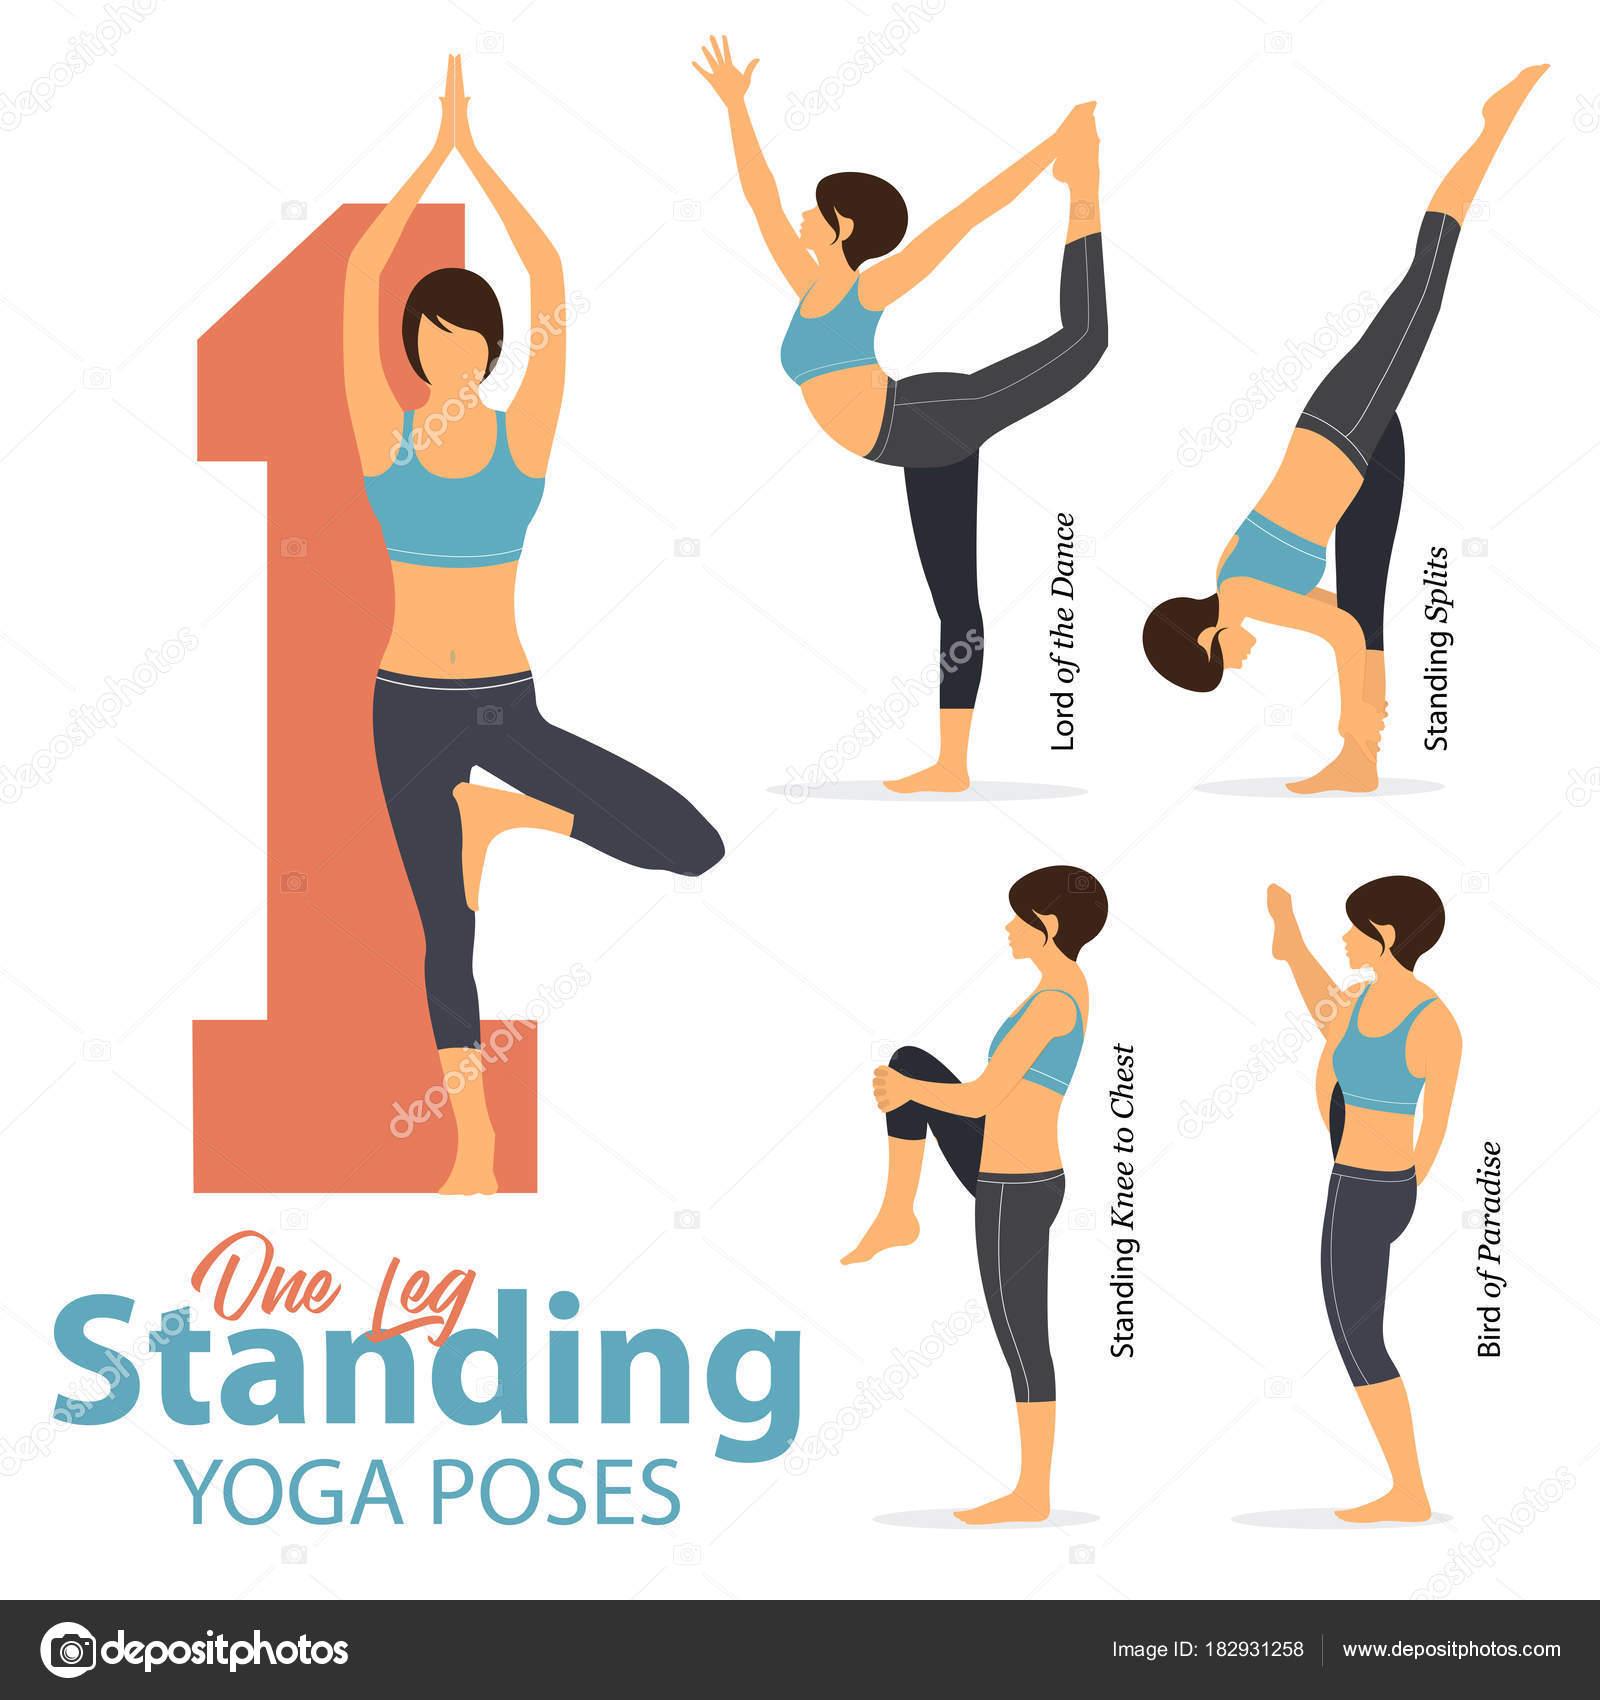 ae98923c2 Un sistema de yoga posturas figuras femeninas para infografía 5 Yoga en una  pierna que poses en diseño plano. Ejercen de figuras de mujer en ropa  deportiva ...